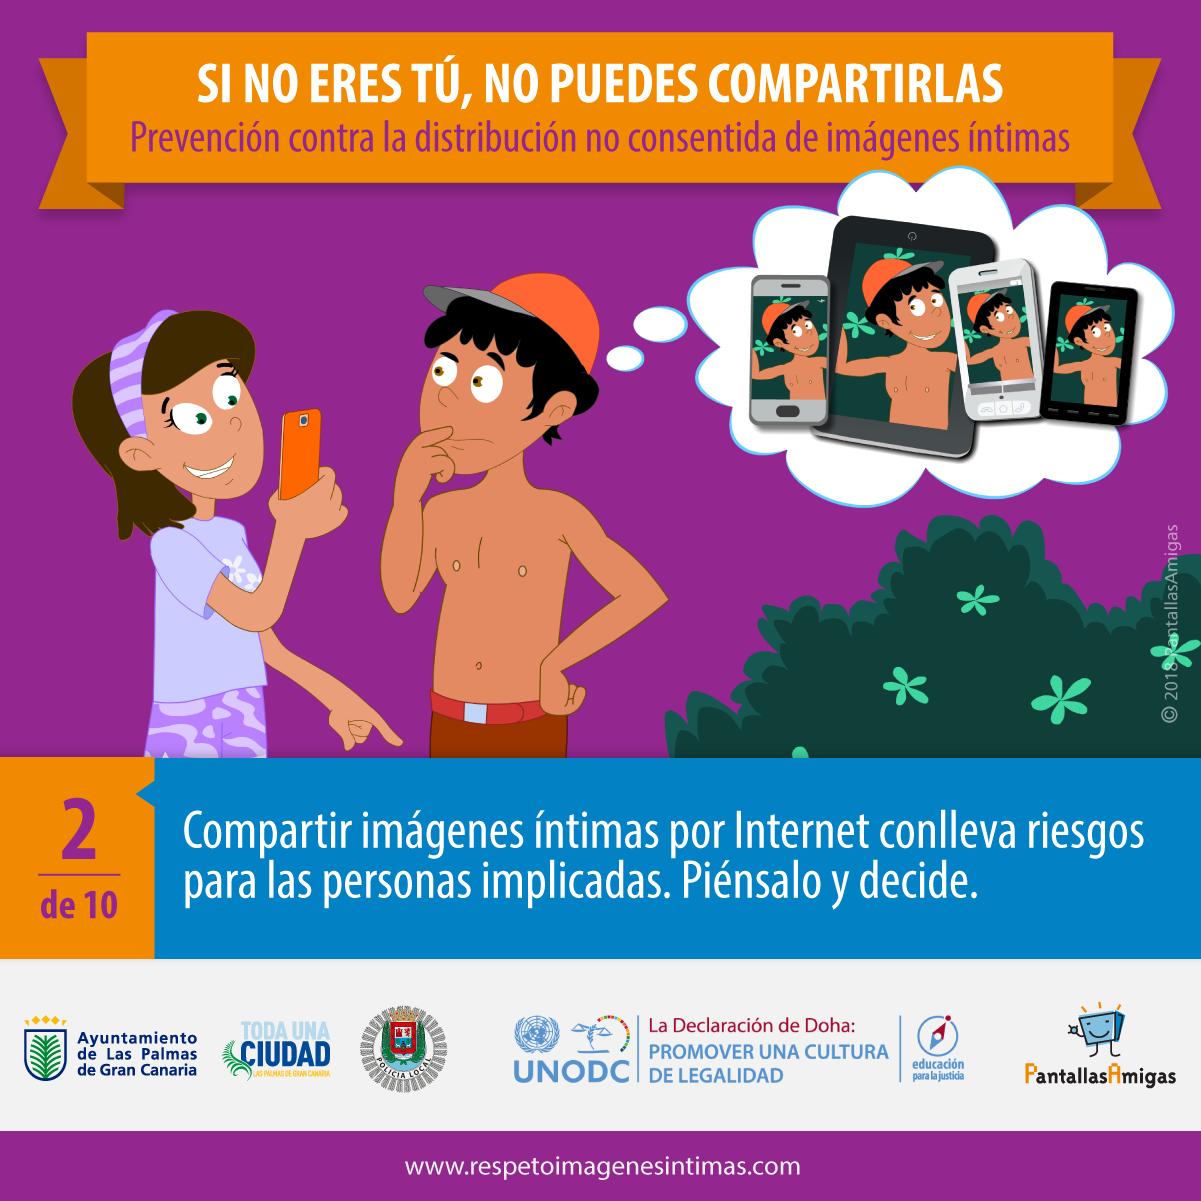 Compartir imágenes íntimas por Internet conlleva riesgos para las personas implicadas. Piénsalo y decide.